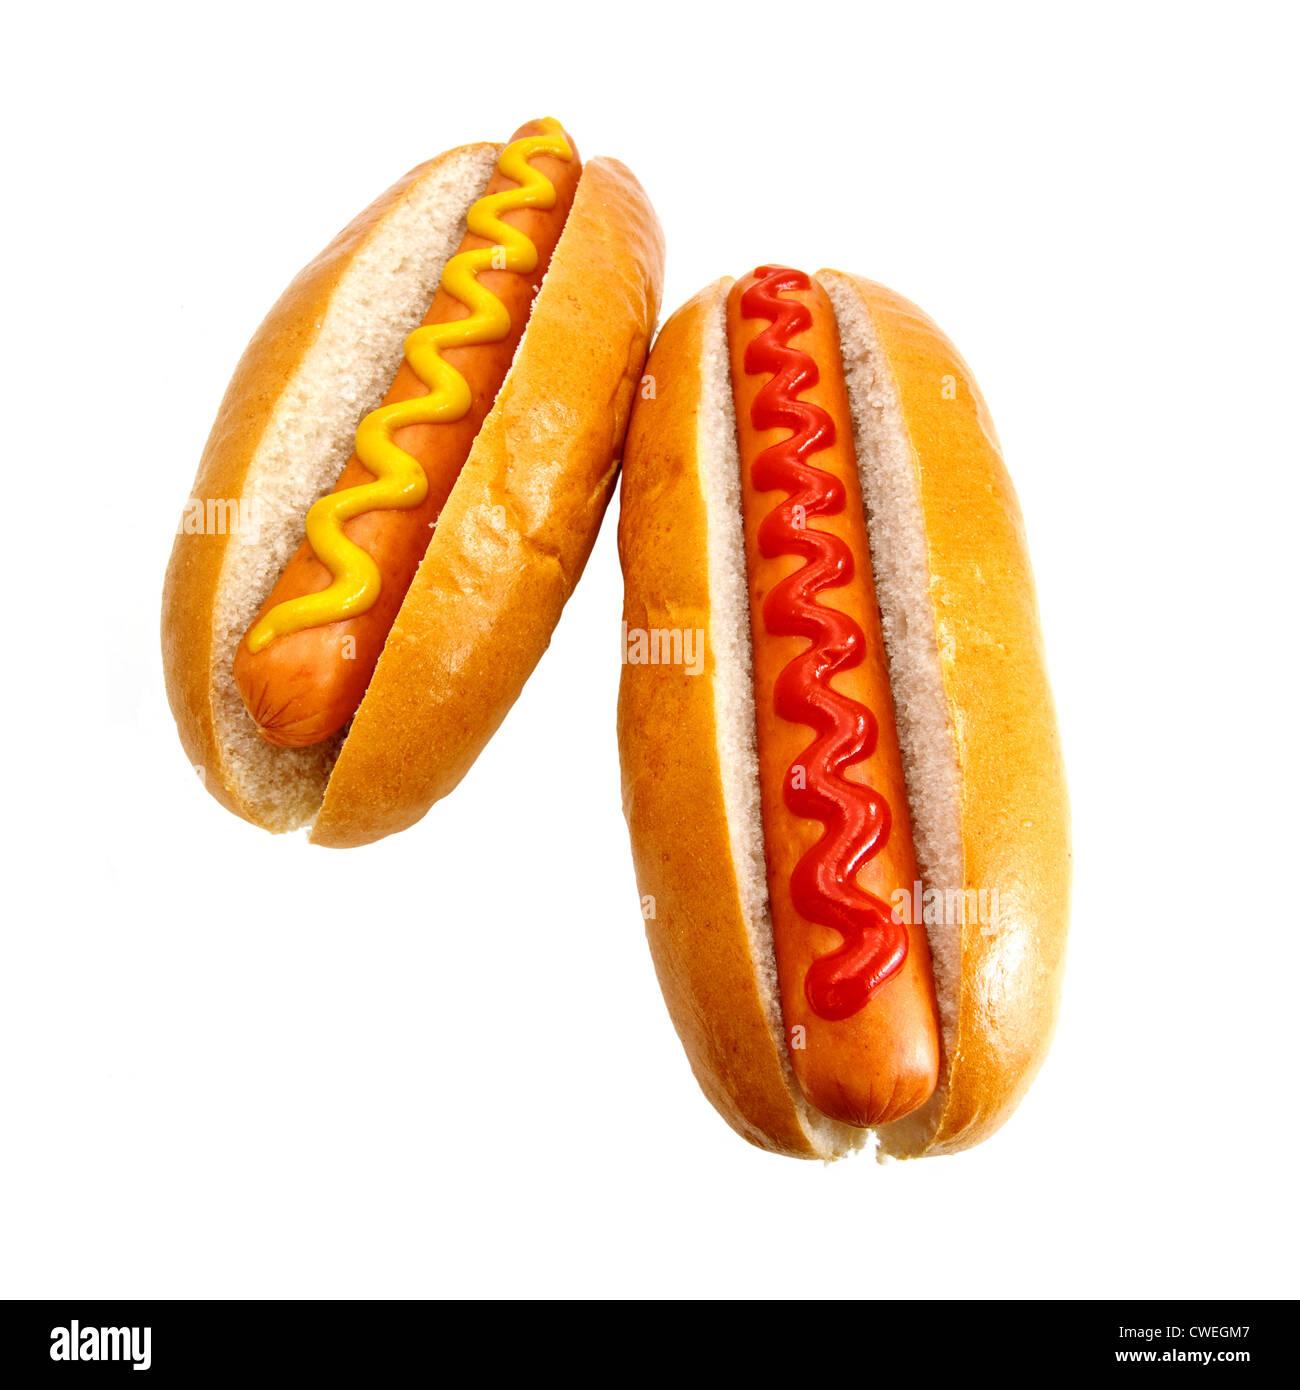 hot dog stockfotos hot dog bilder alamy. Black Bedroom Furniture Sets. Home Design Ideas